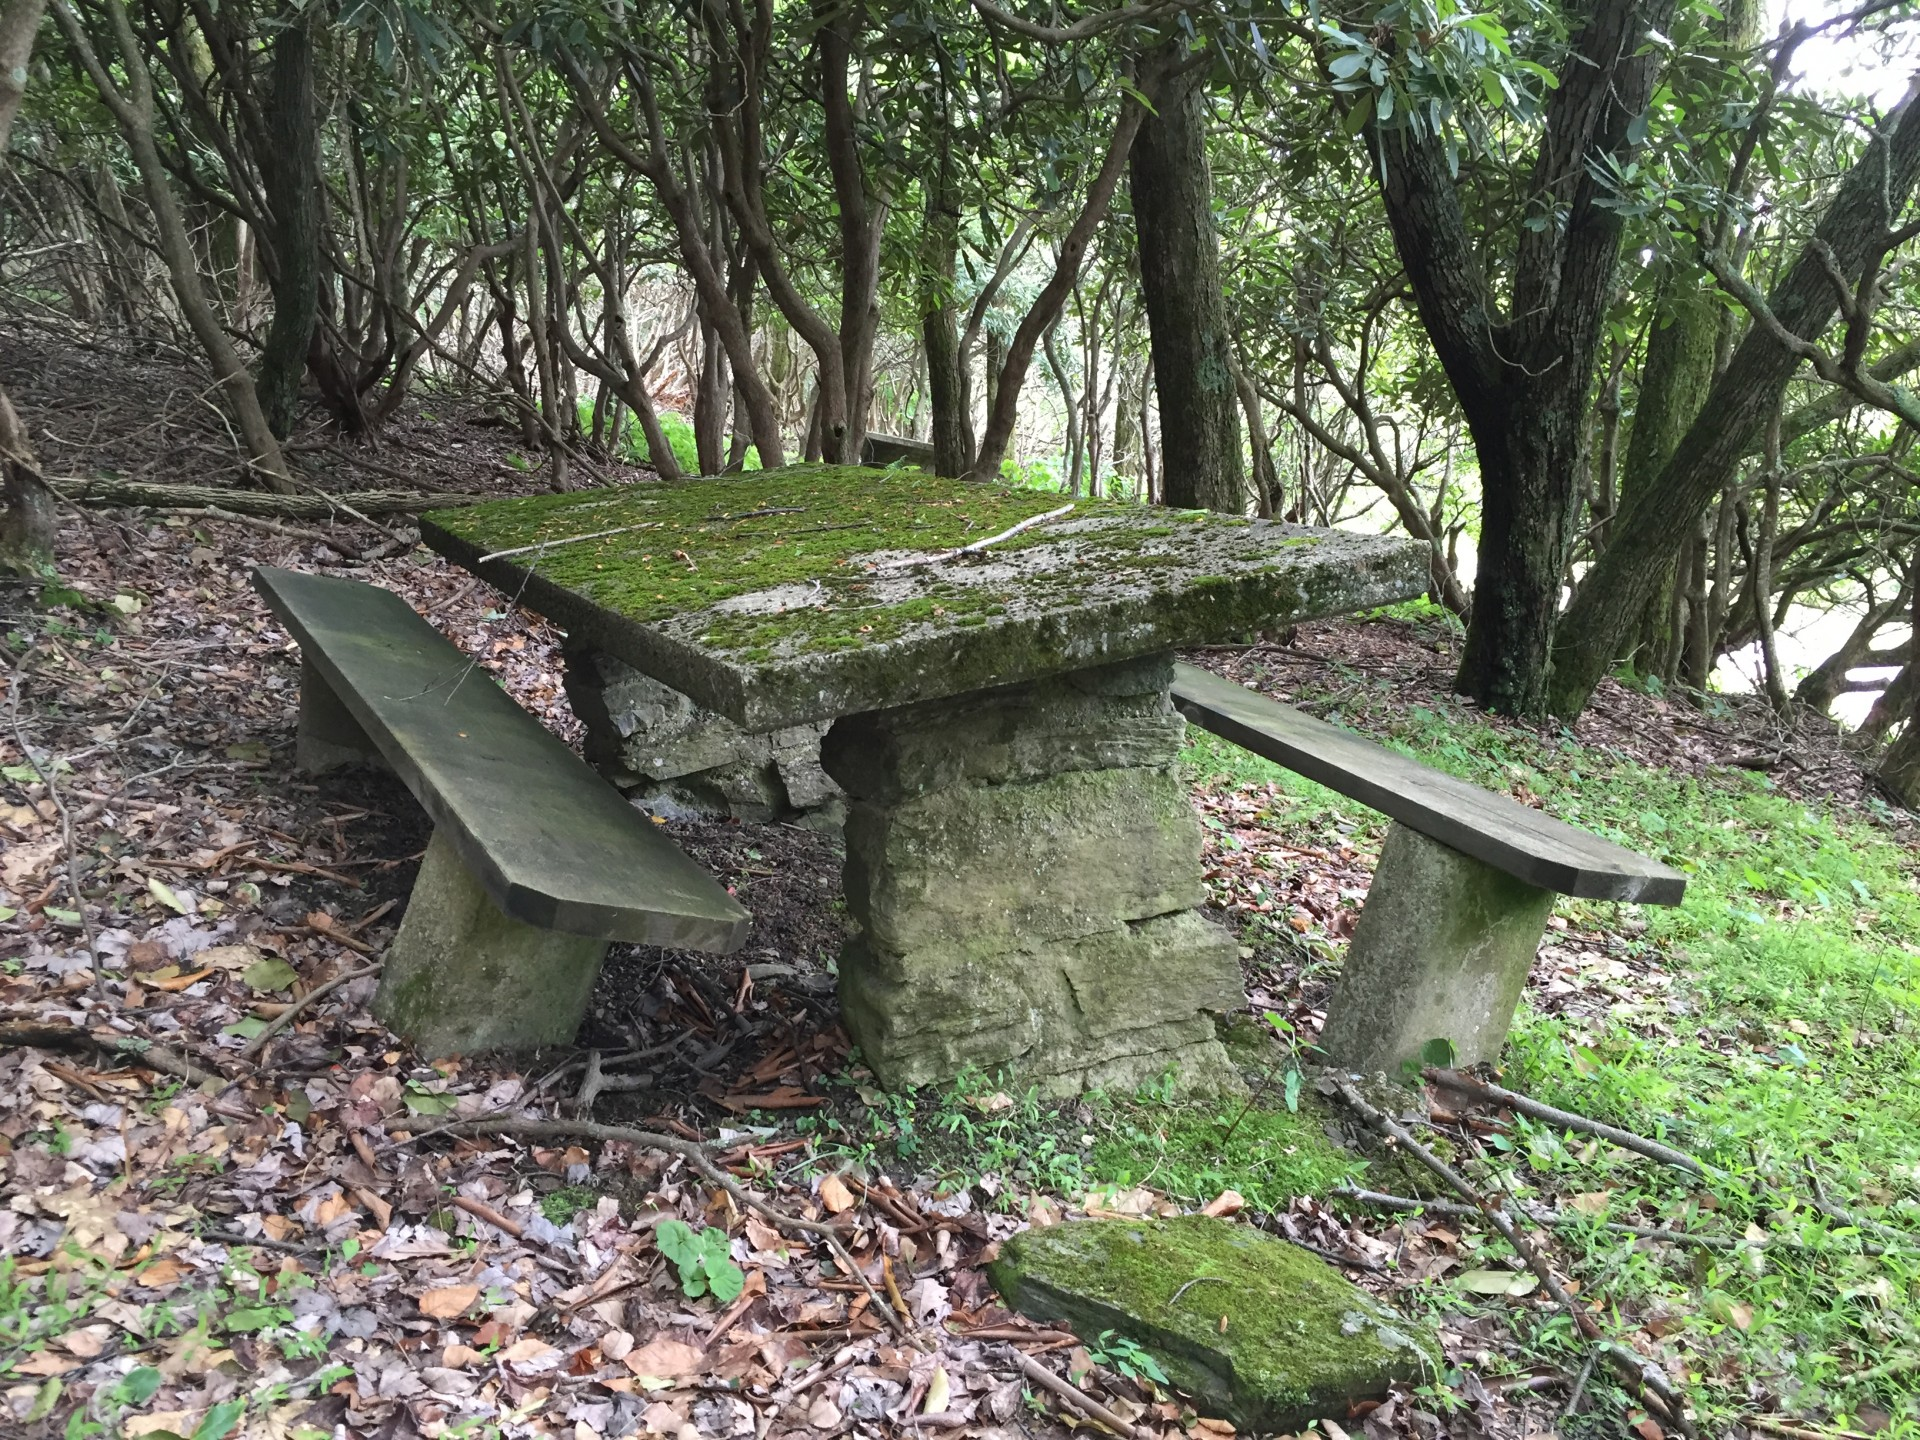 Picnic table in disrepair